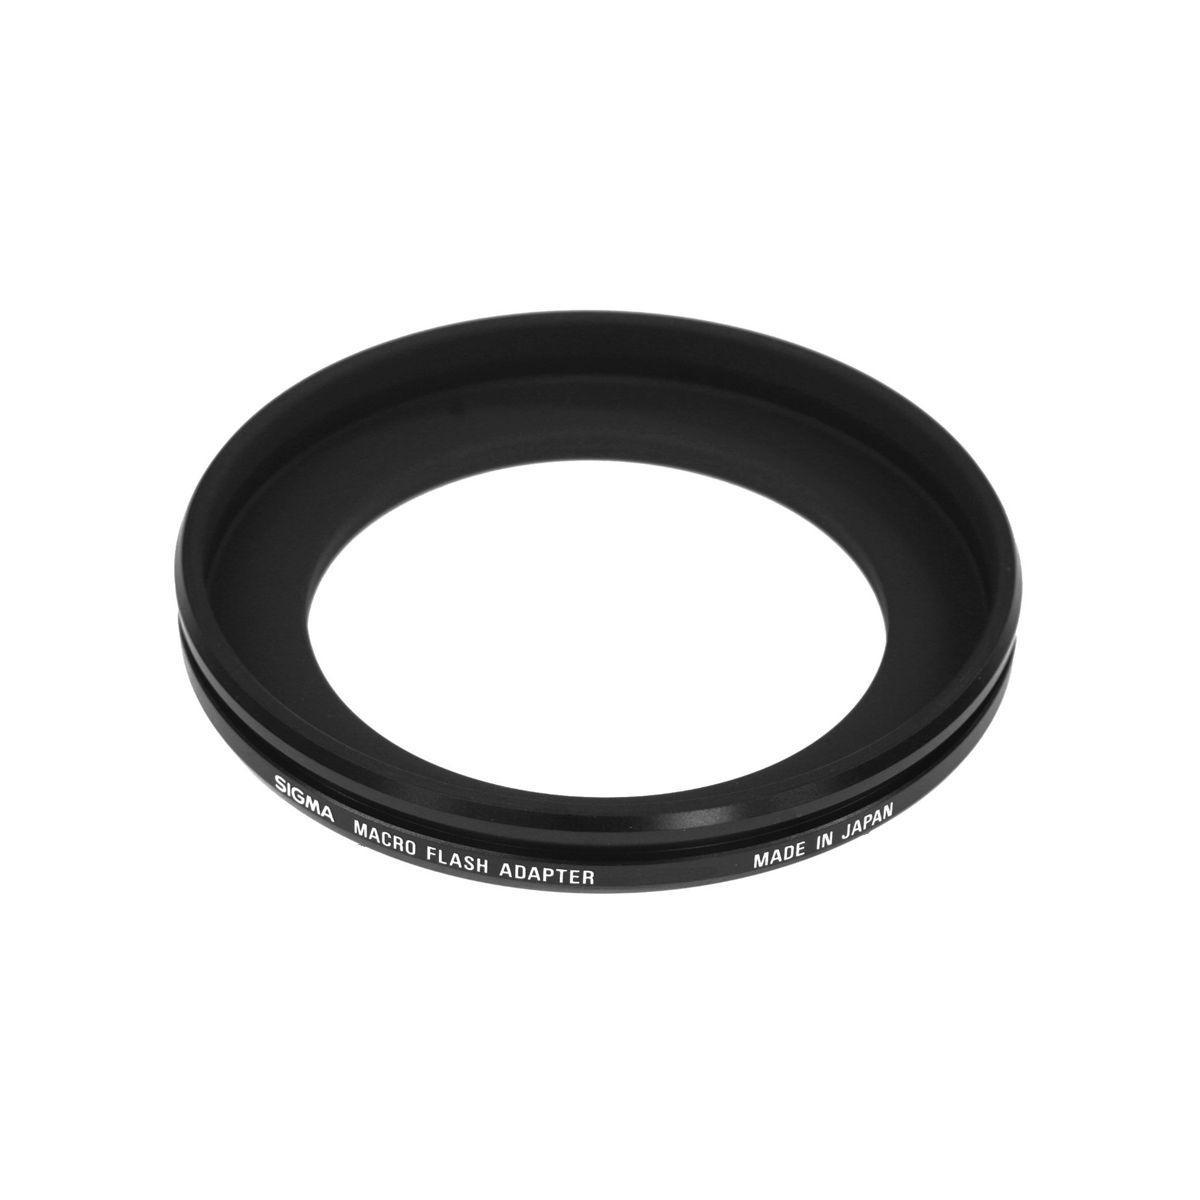 Adaptateur sigma 58mm pour em-140dg macr (photo)